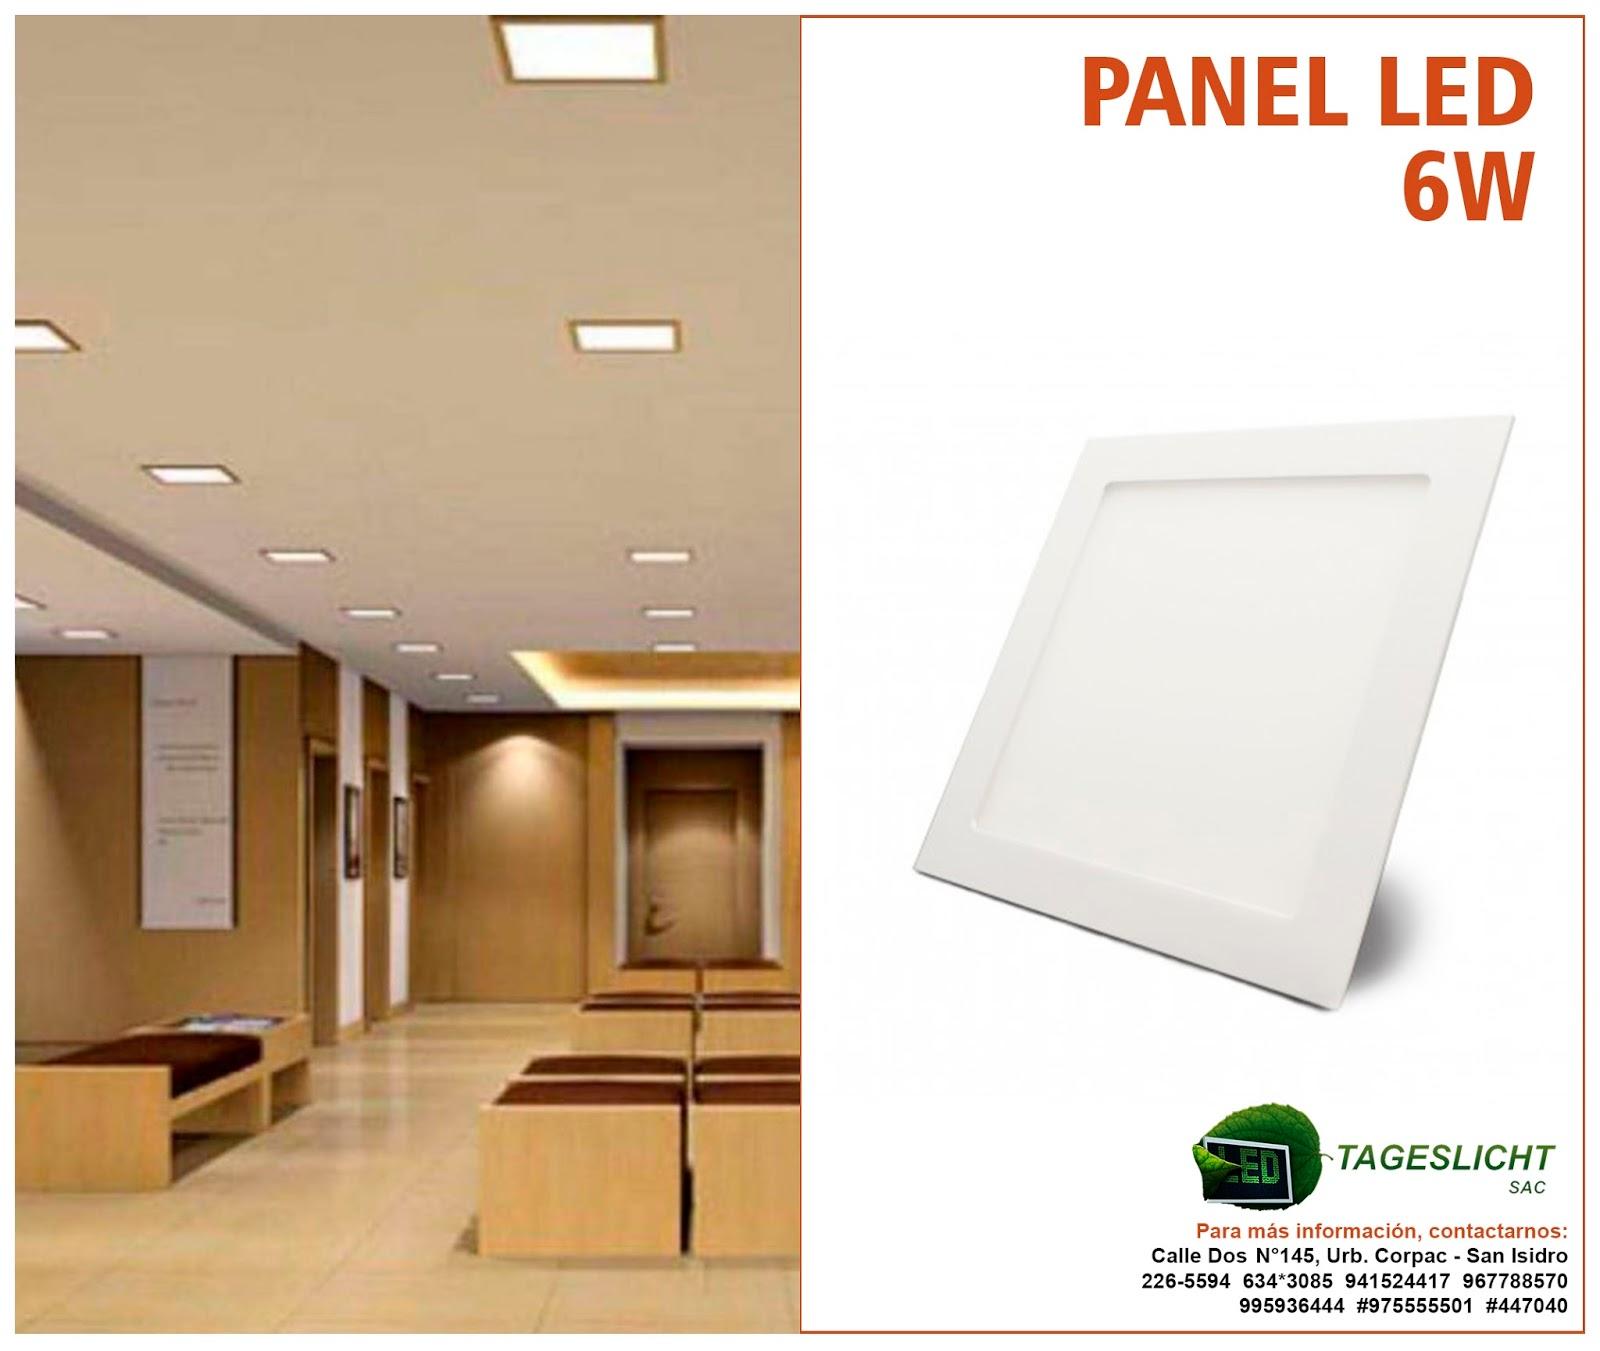 tageslicht iluminaci n led panel led 6w tageslicht sac. Black Bedroom Furniture Sets. Home Design Ideas